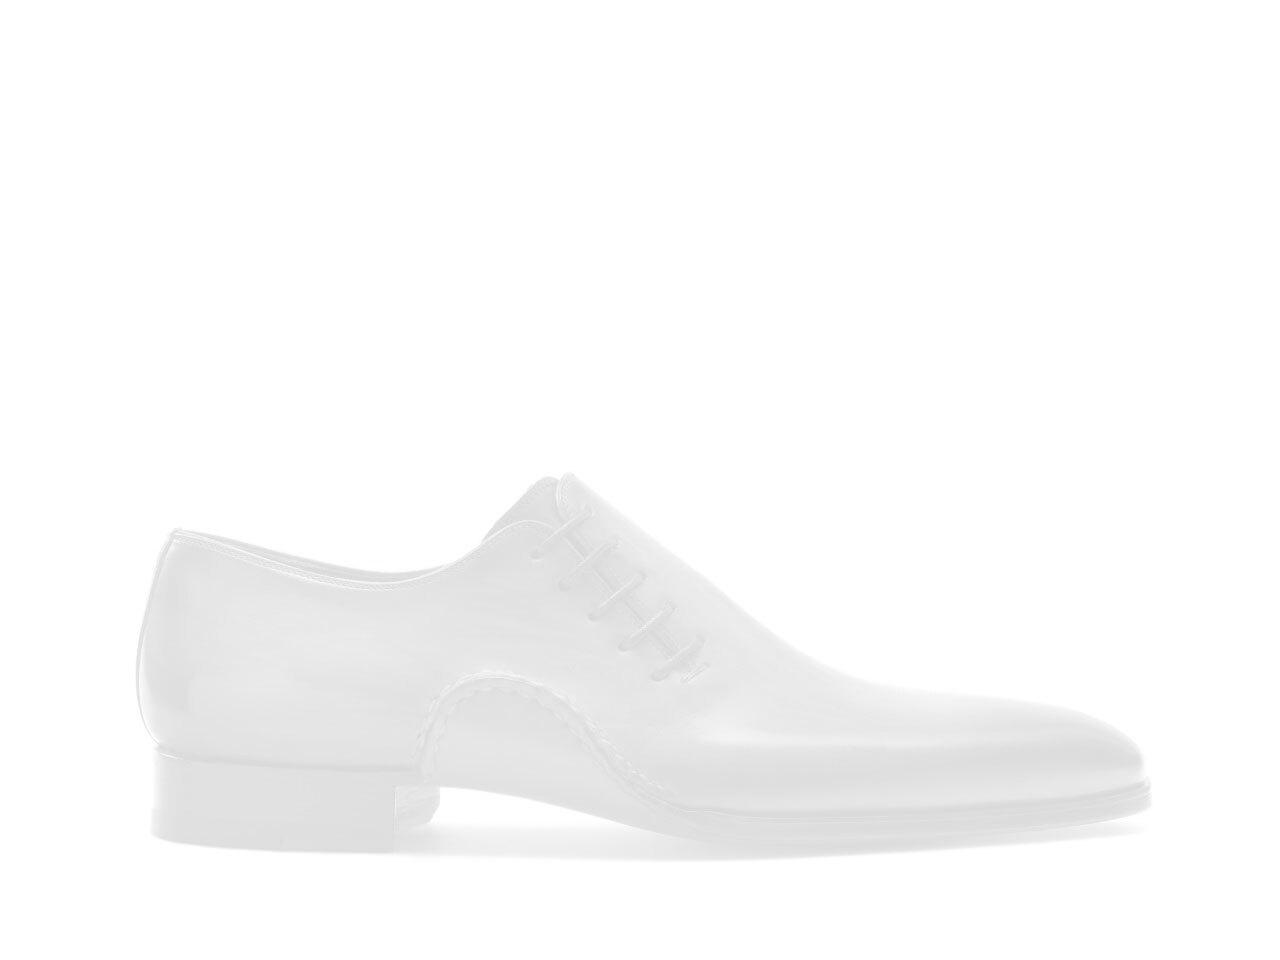 Sole of the Magnanni Garrett Black Men's Double Monk Strap Shoes